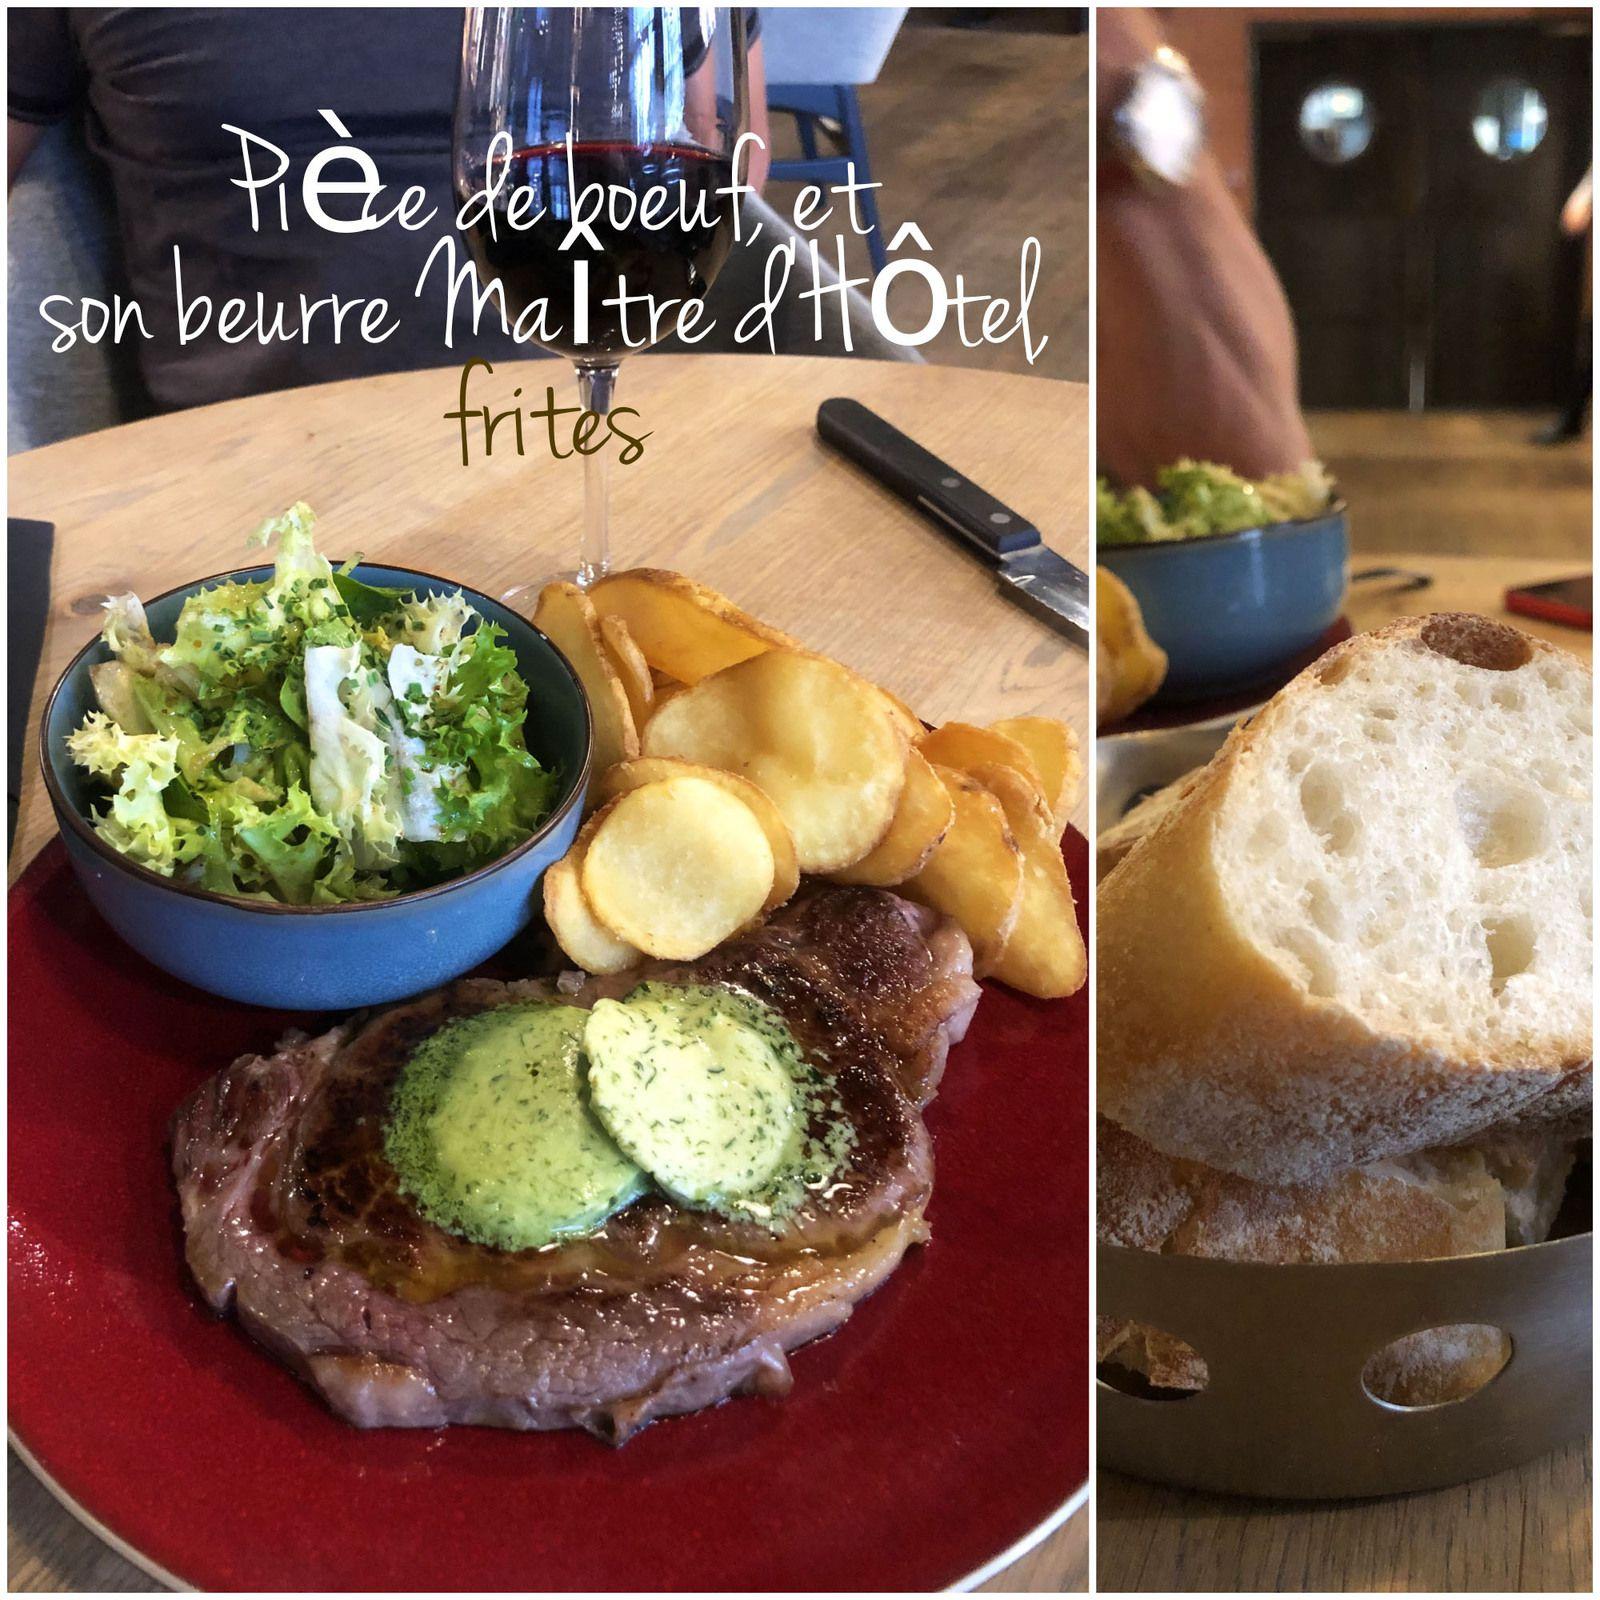 Les Mécaniciens, Restaurant sur Clermont-Ferrand